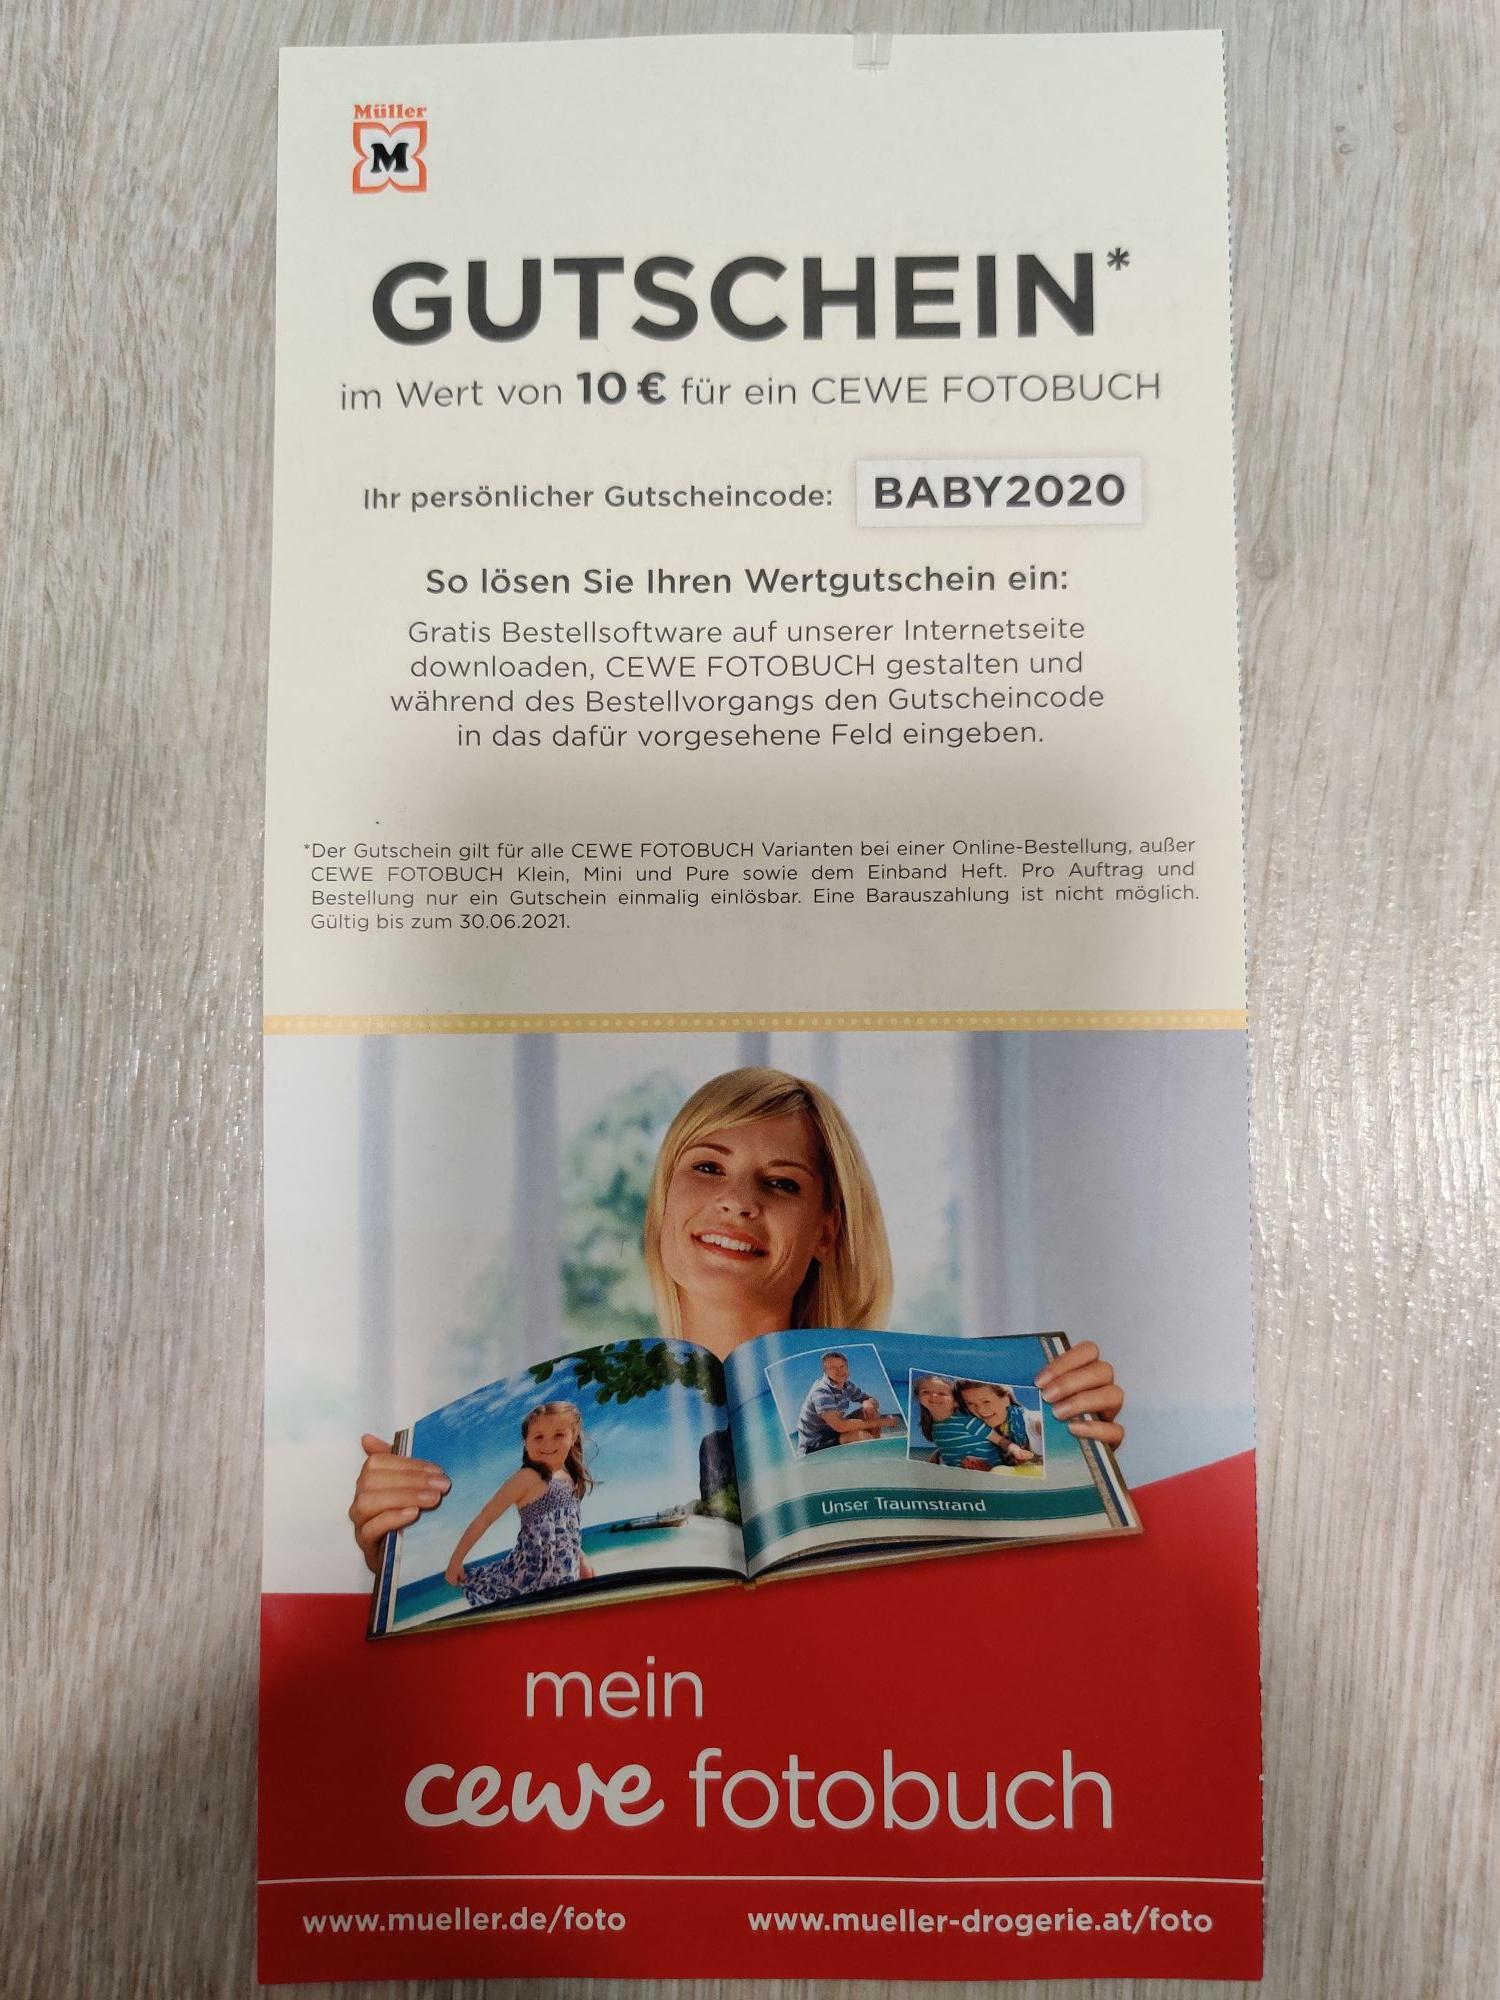 [Müller] 10€ Rabatt auf ein CEWE Fotobuch bei Online-Bestellung ohne MBW (Mini-Fotobuch für 0,65€ durch Gutscheinfehler möglich)